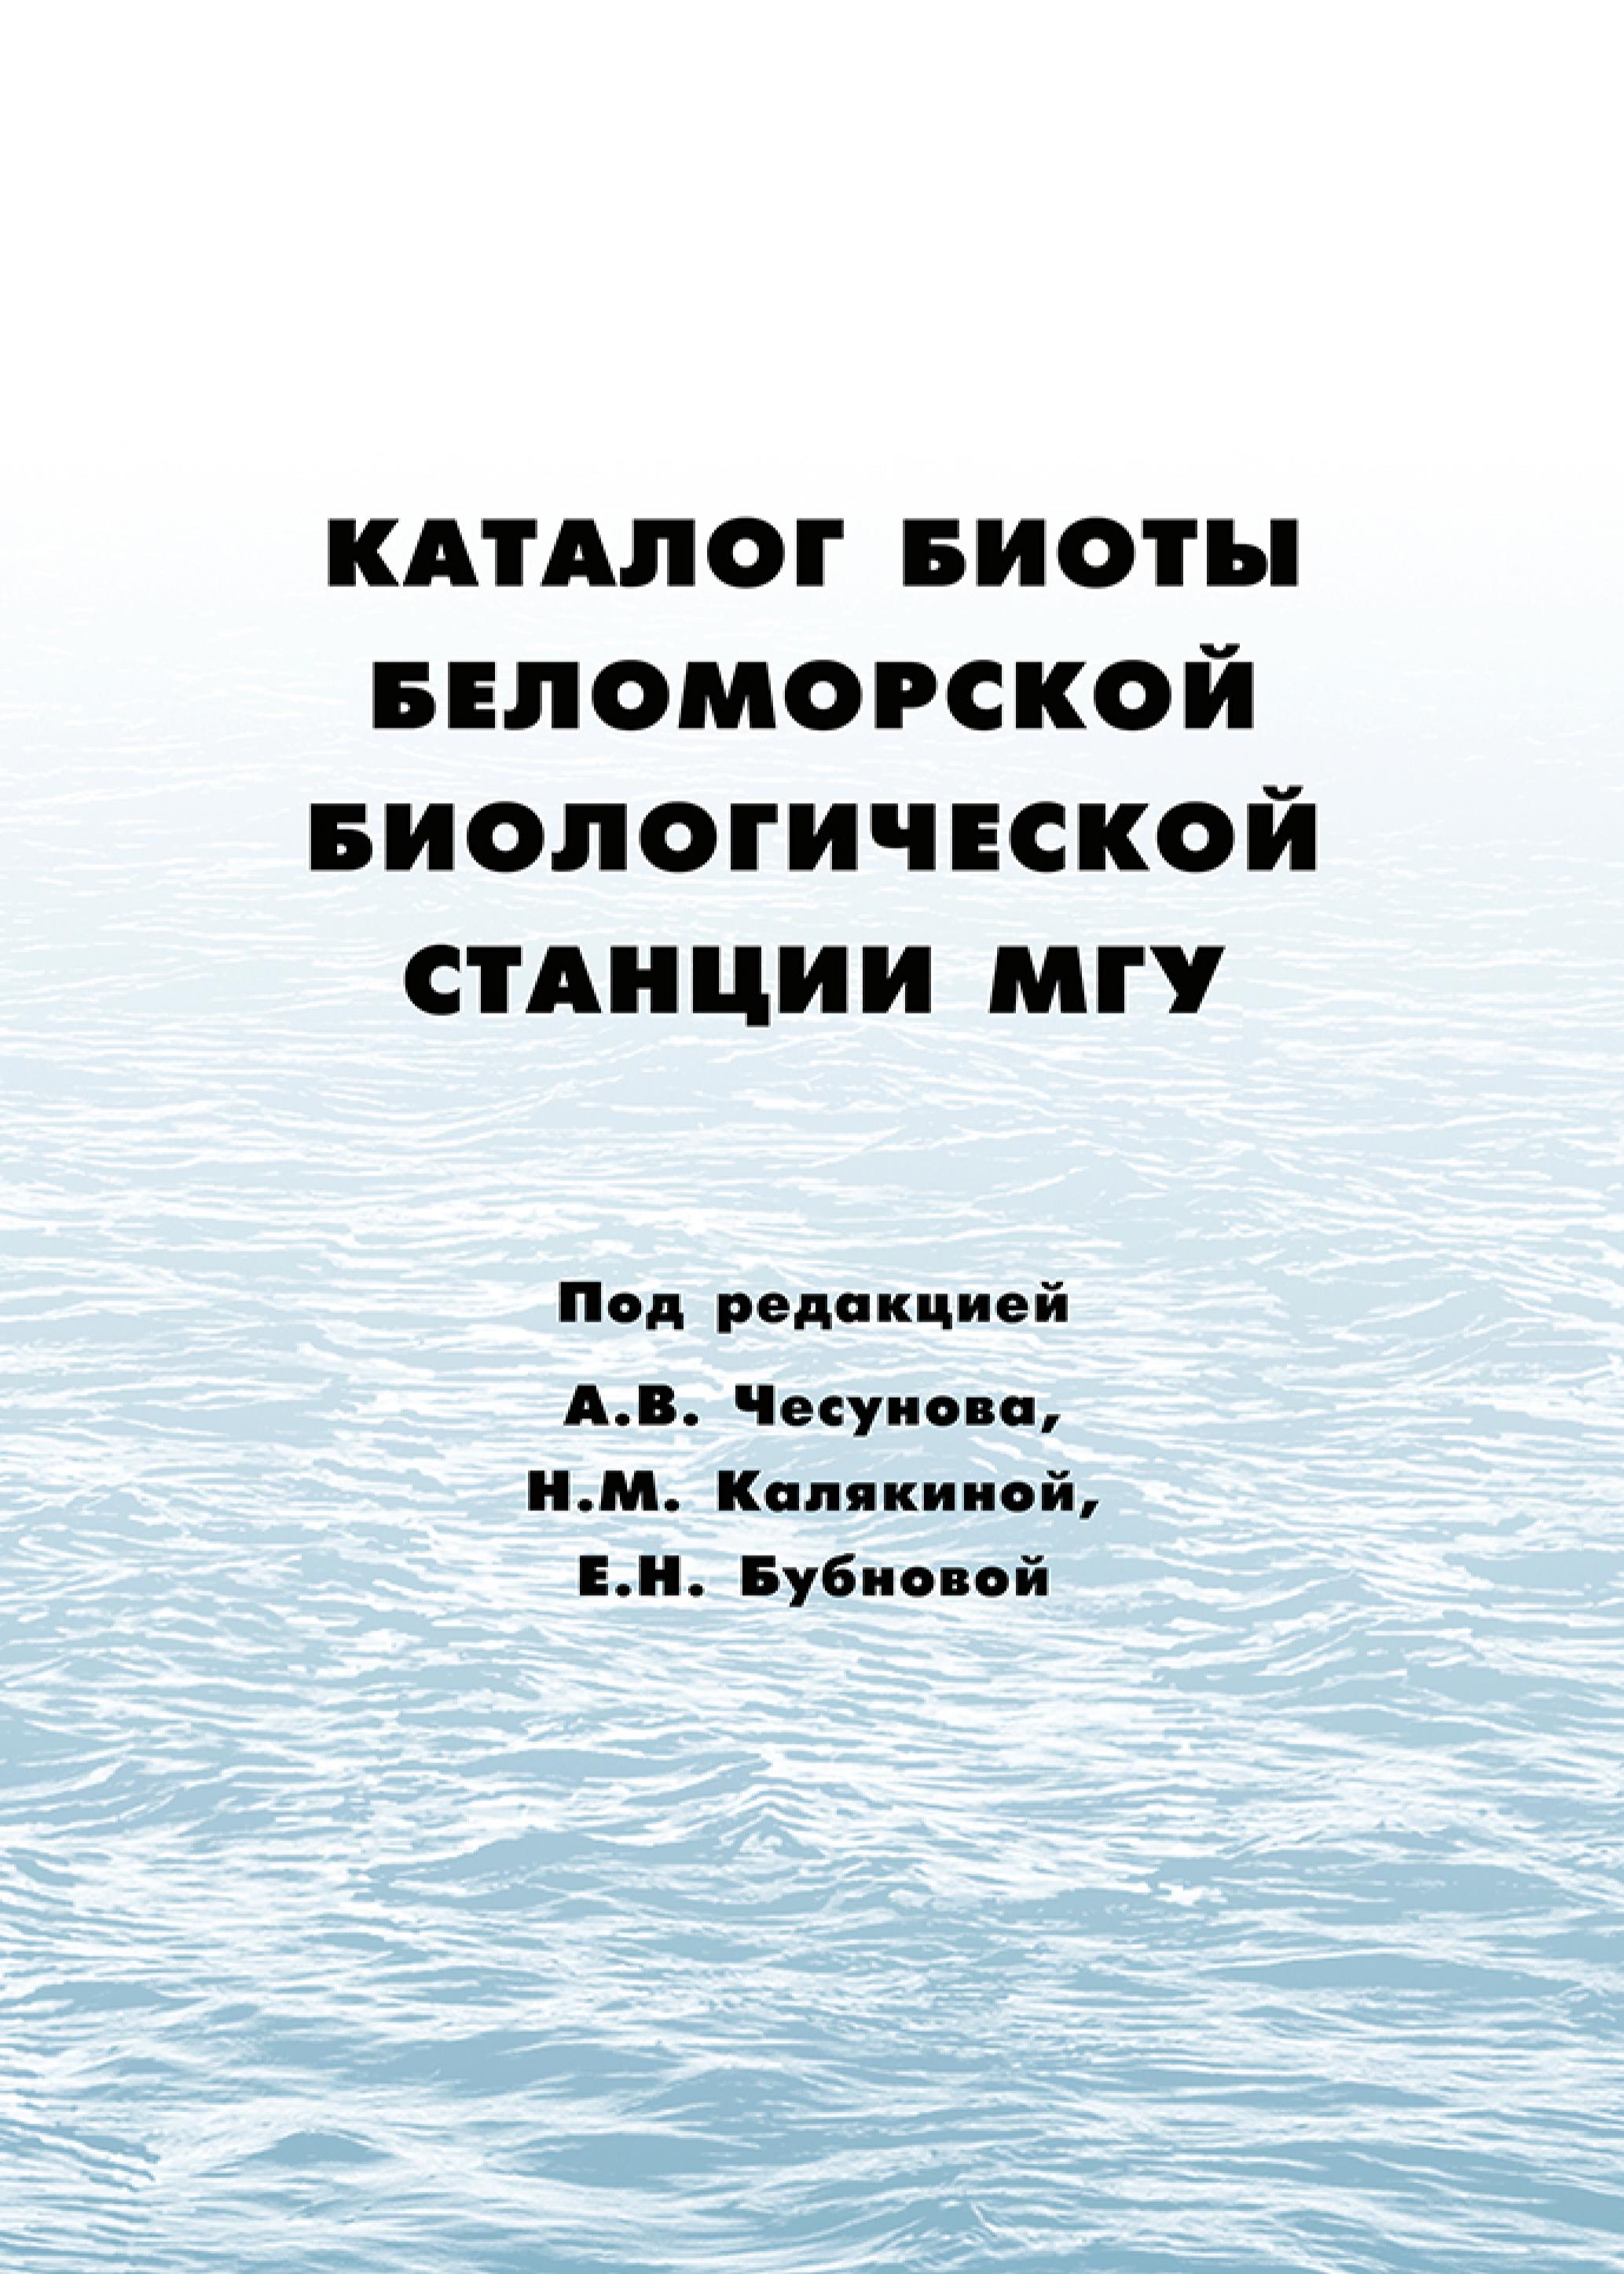 Коллектив авторов Каталог биоты Беломорской биологической станции МГУ матрикс каталог продукции